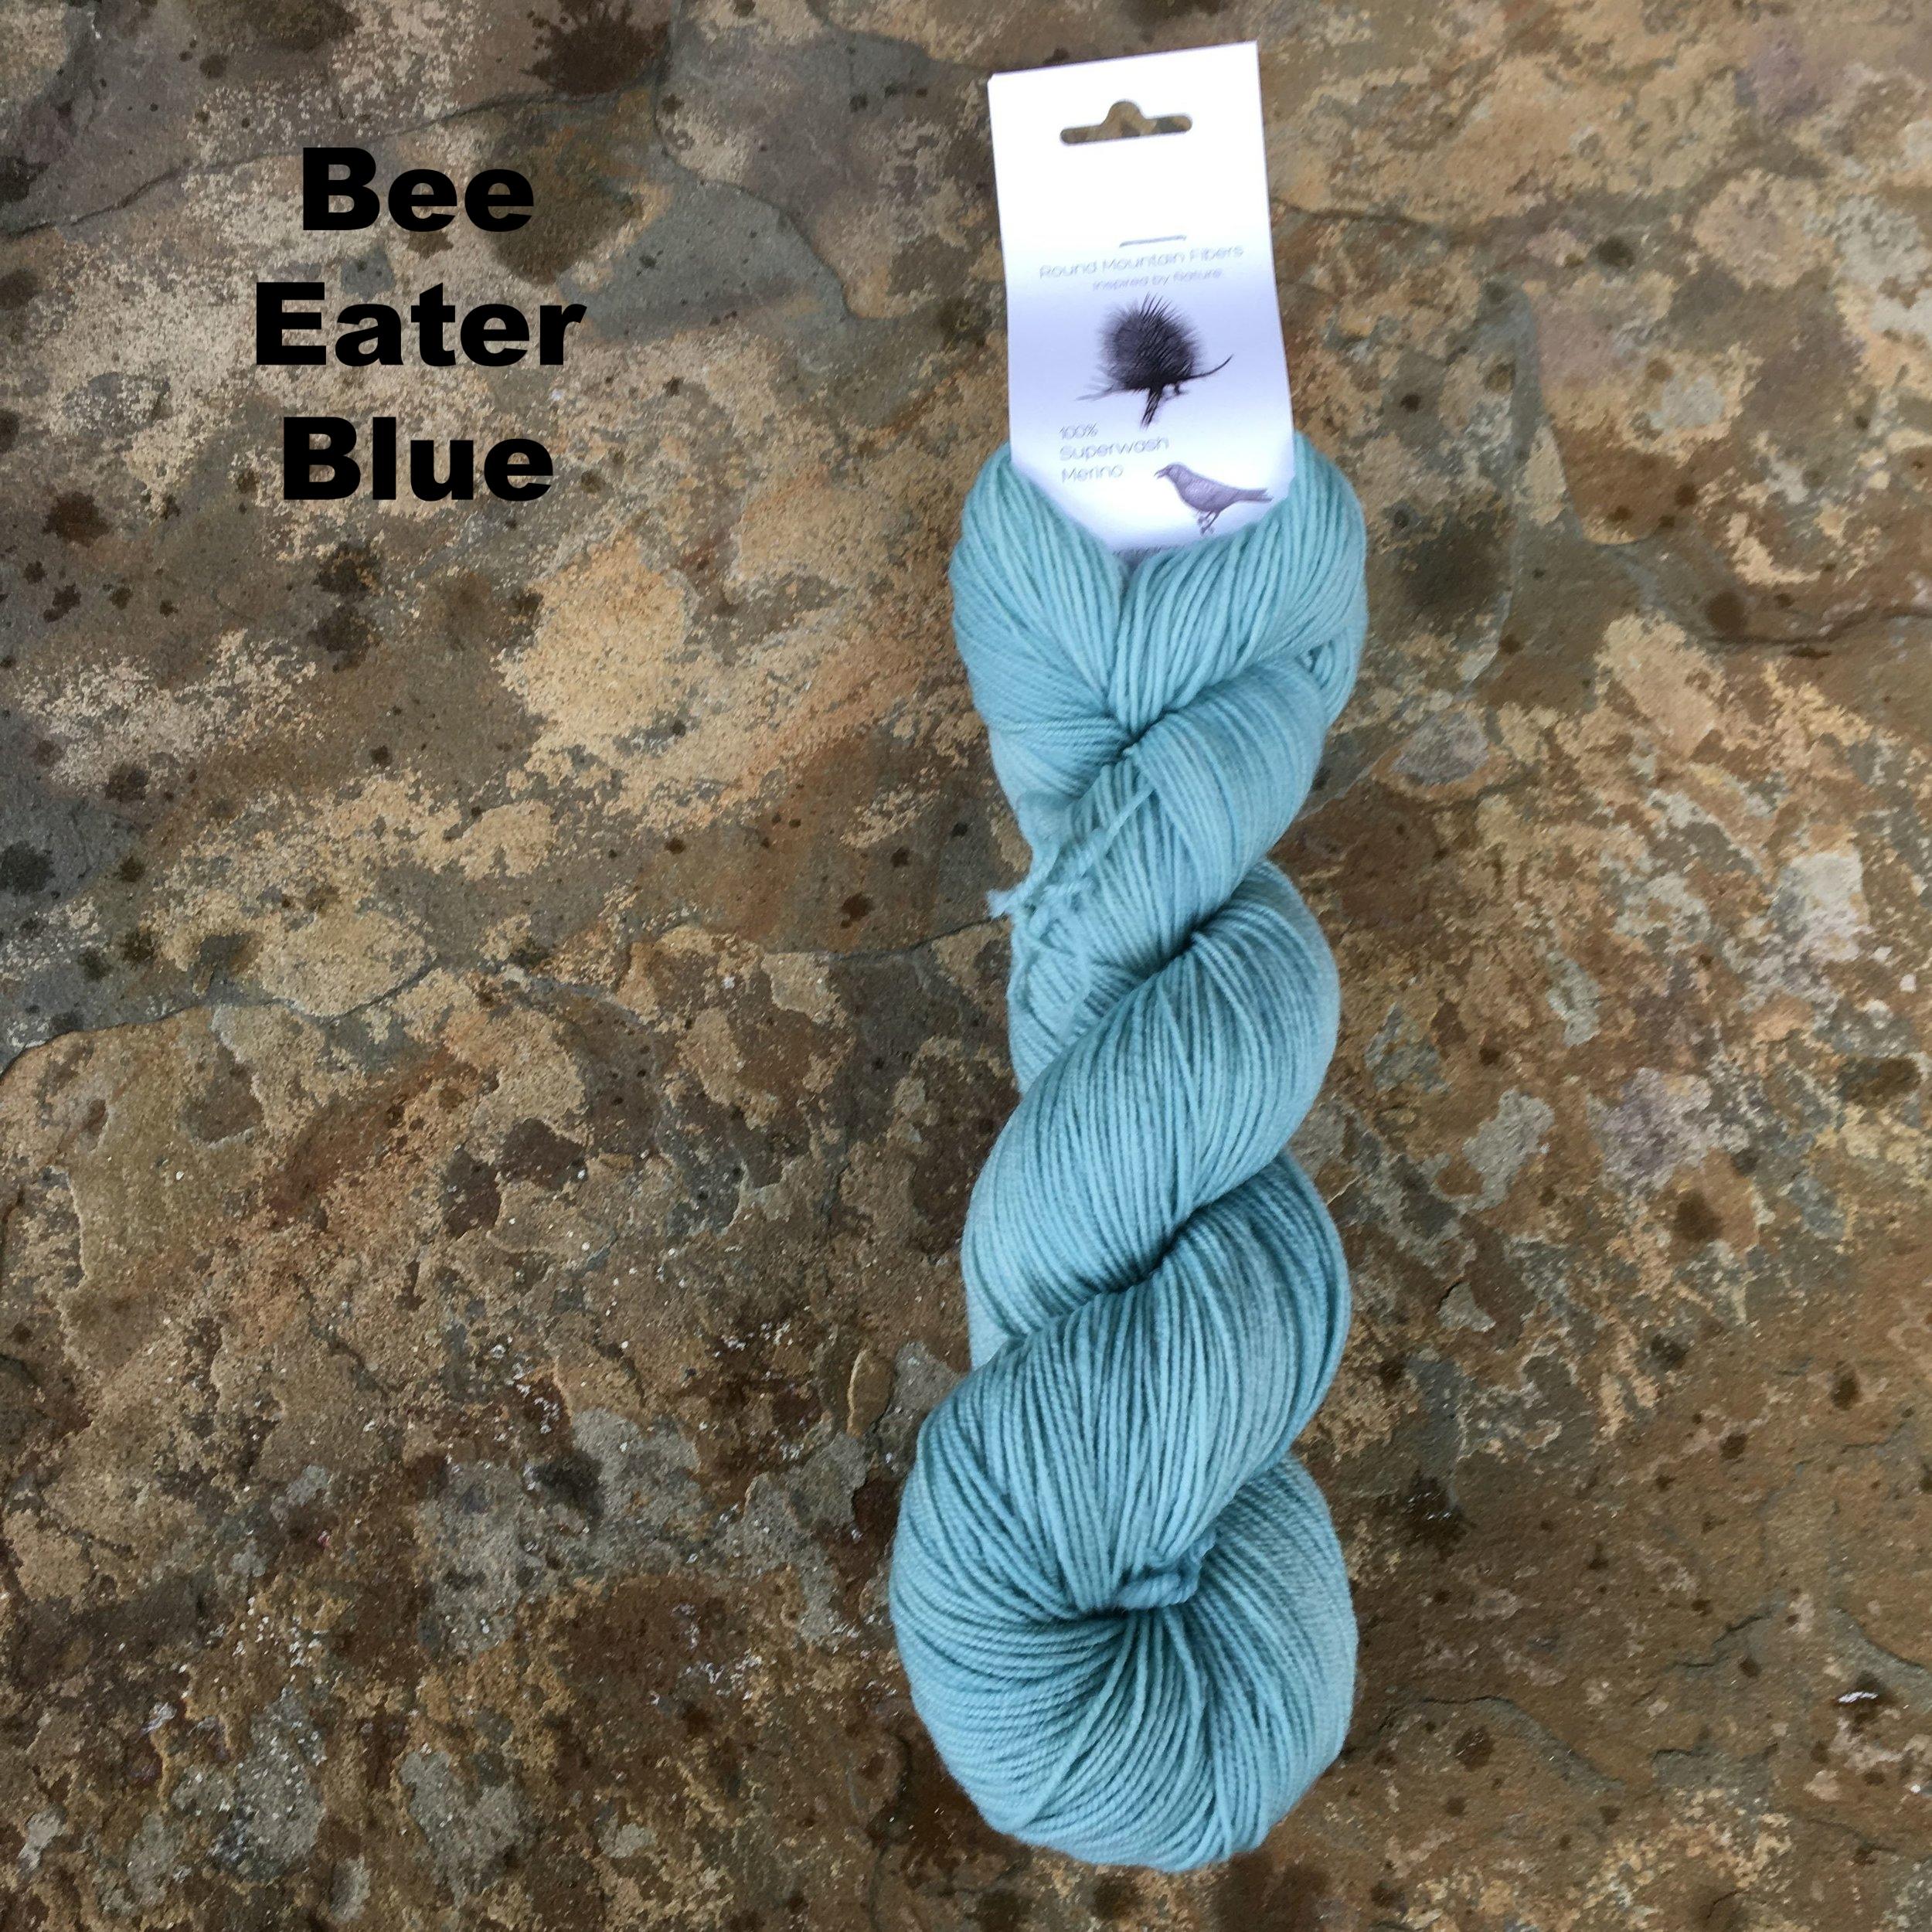 bee eater blue.JPG